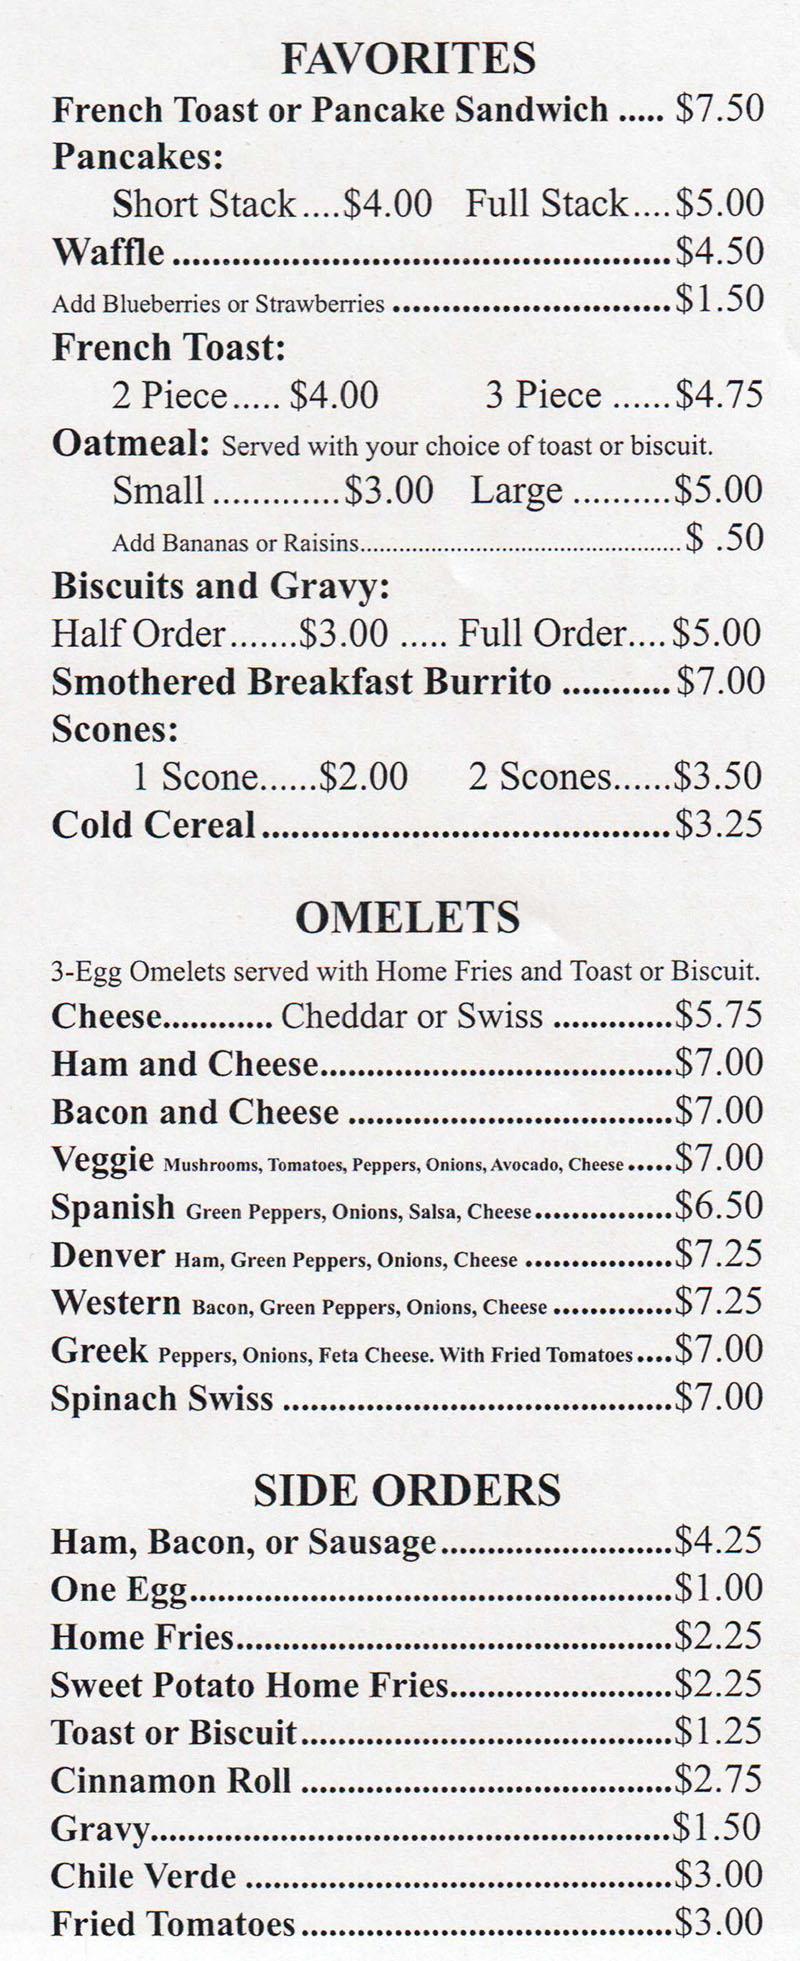 Sharons Cafe menu - favorites, omelets, side orders